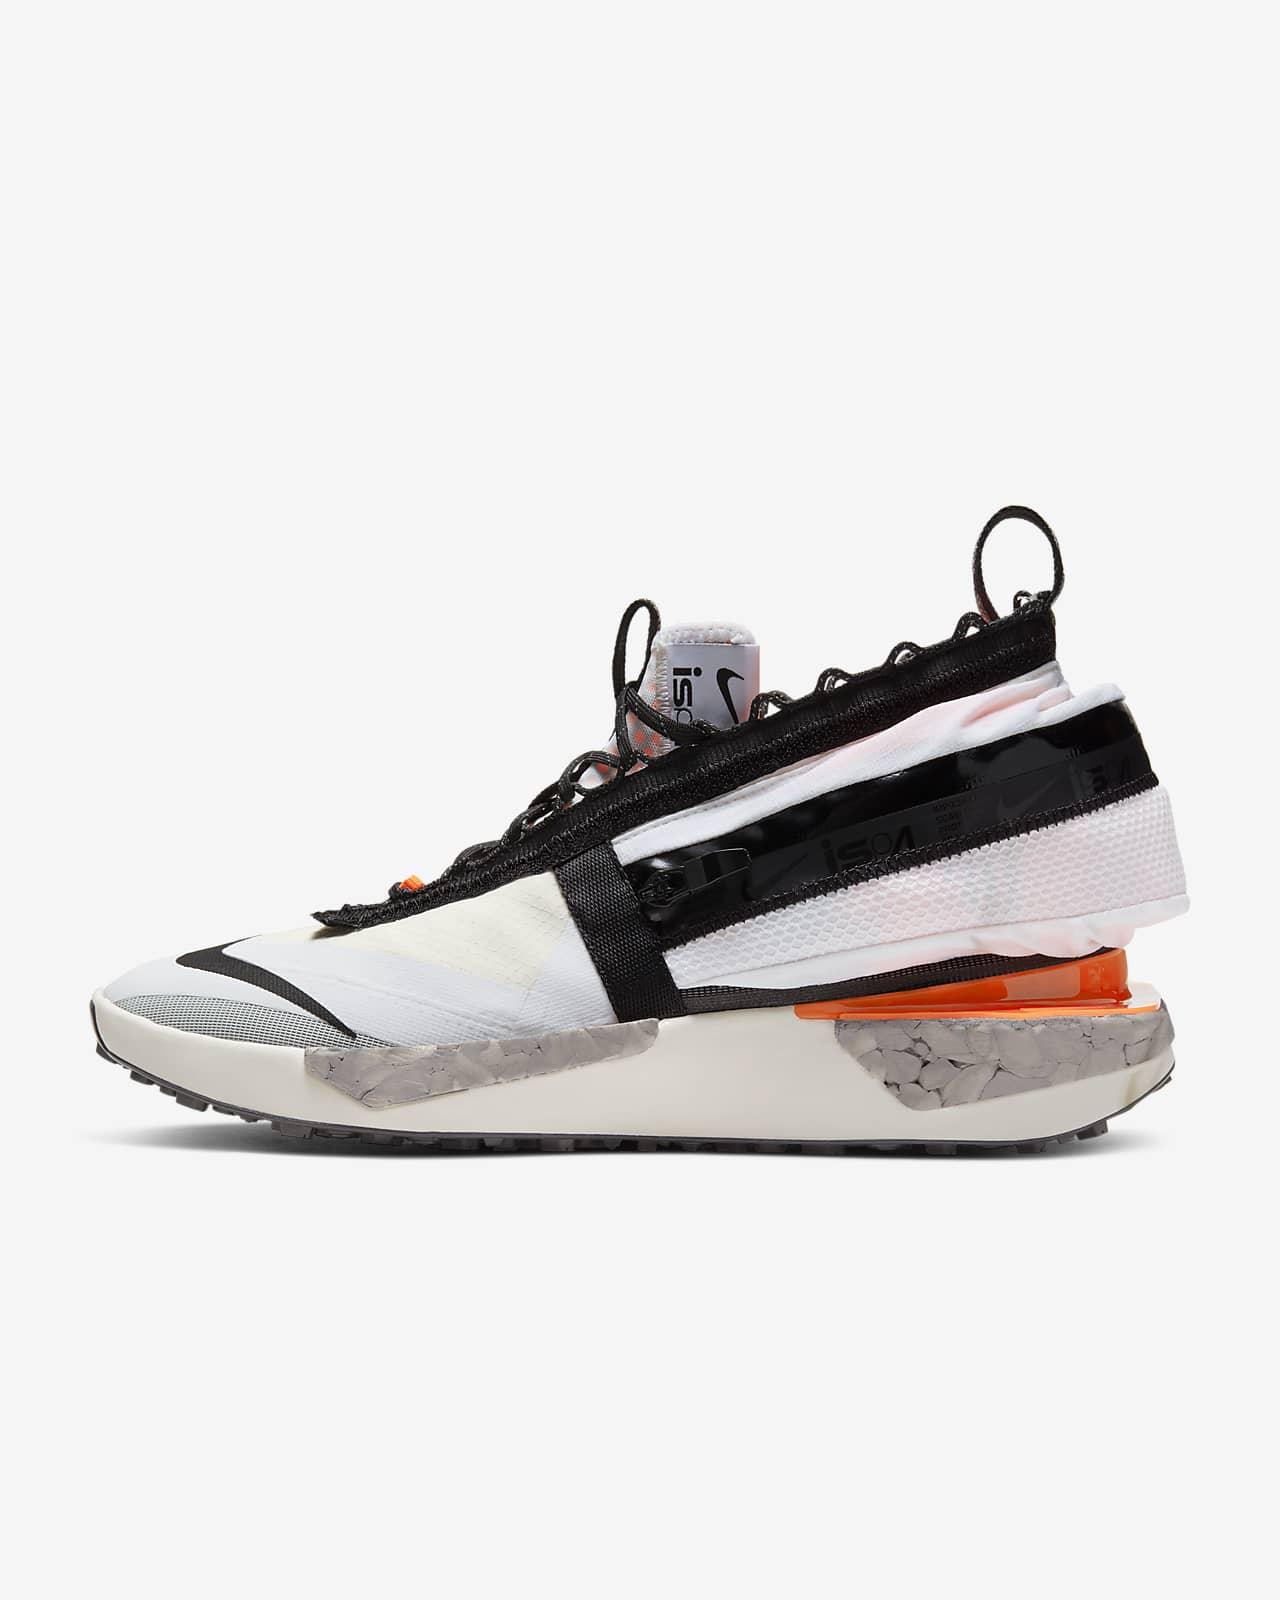 Nike ISPA Drifter Gator Schuh